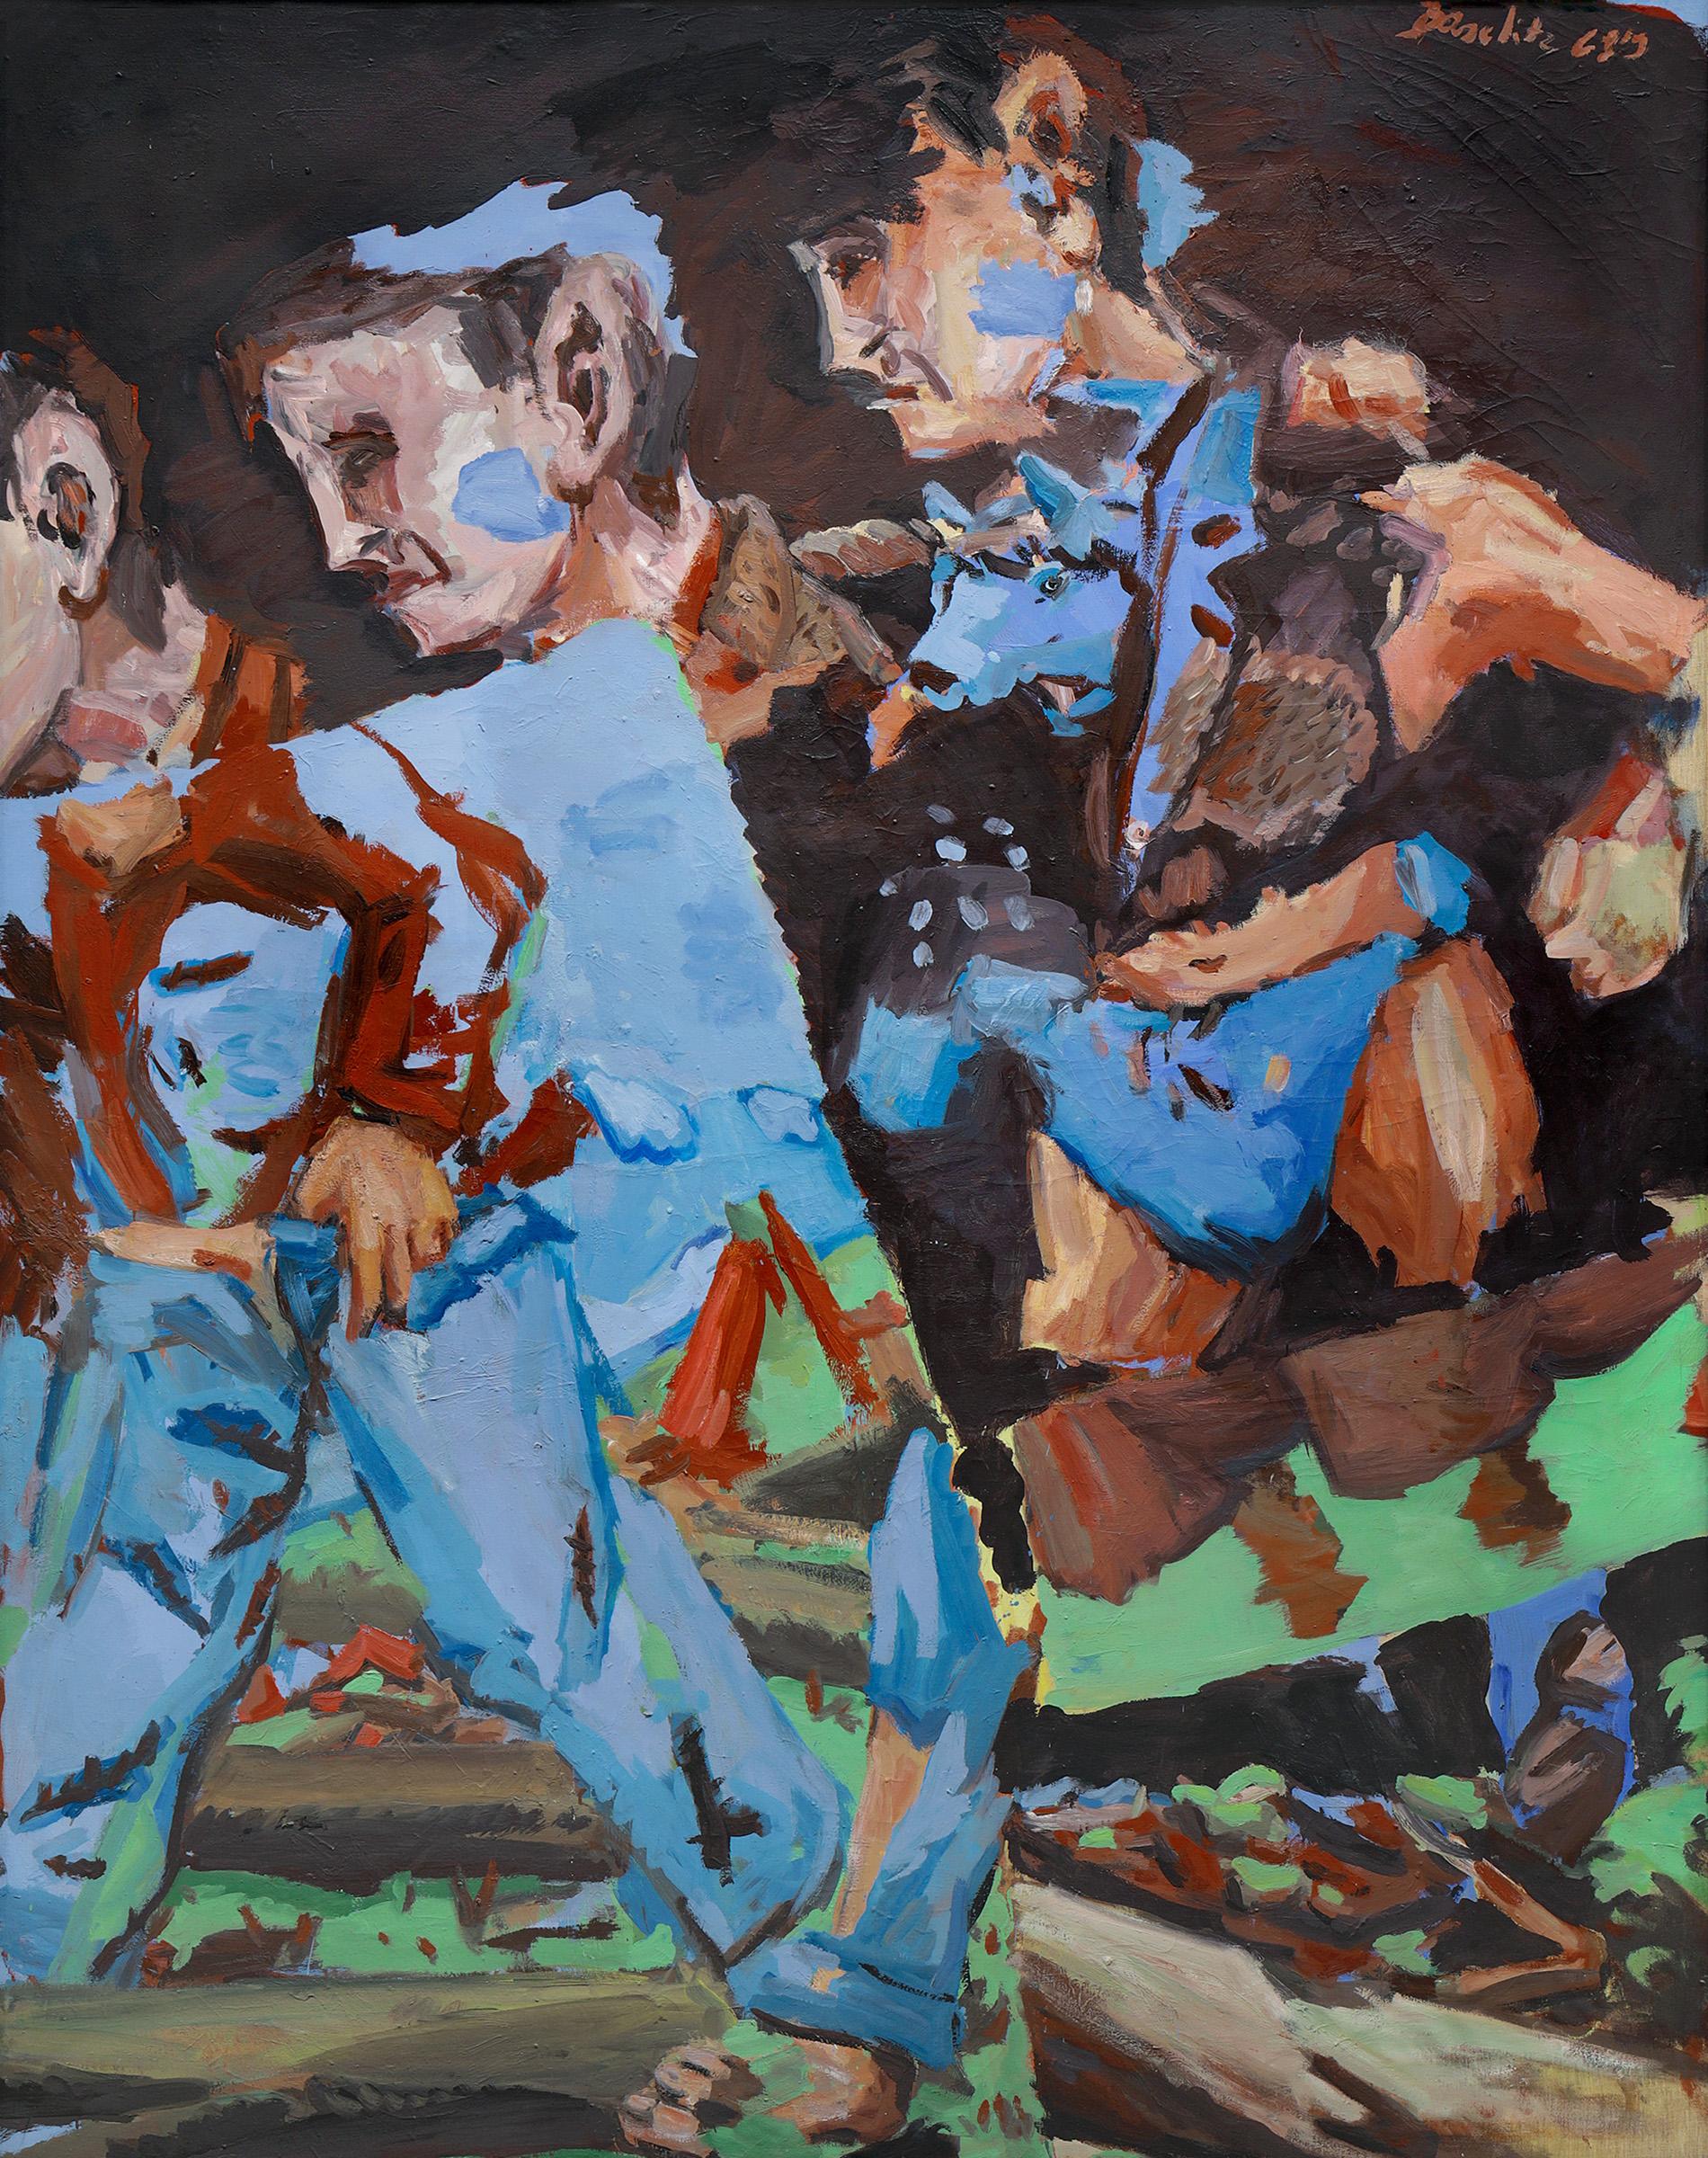 Georg Baselitz, Meissen Woodsmen, 1969. Oil on linen; 250 x 200 cm. Hirshhorn Museum and Sculpture Garden, Smithsonian Institution, Washington DC, Holenia Purchase Fund, in memory of Joseph H. Hirshhorn, 1994. Photo: Friedrich Rosenstiel